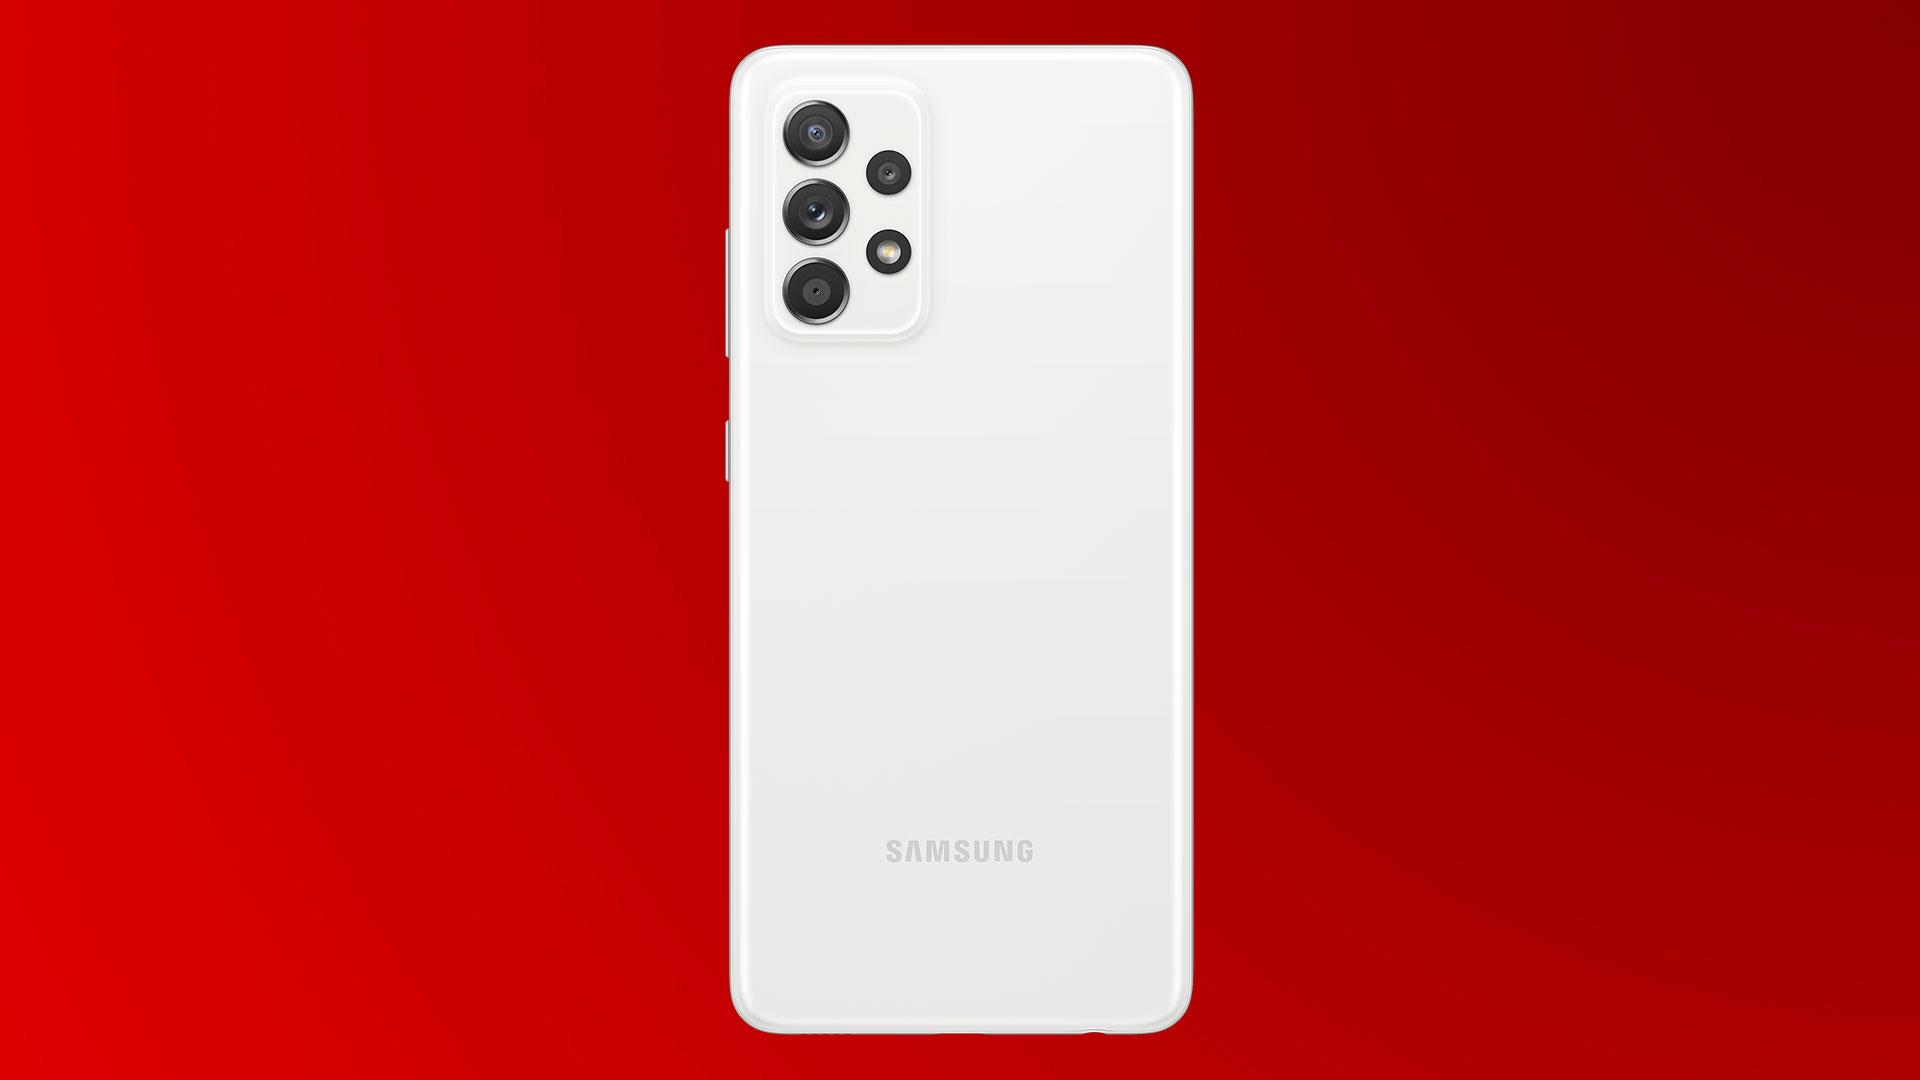 Das Samsung Galaxy A 52 5G in Weiß mit Quad-Kamera.